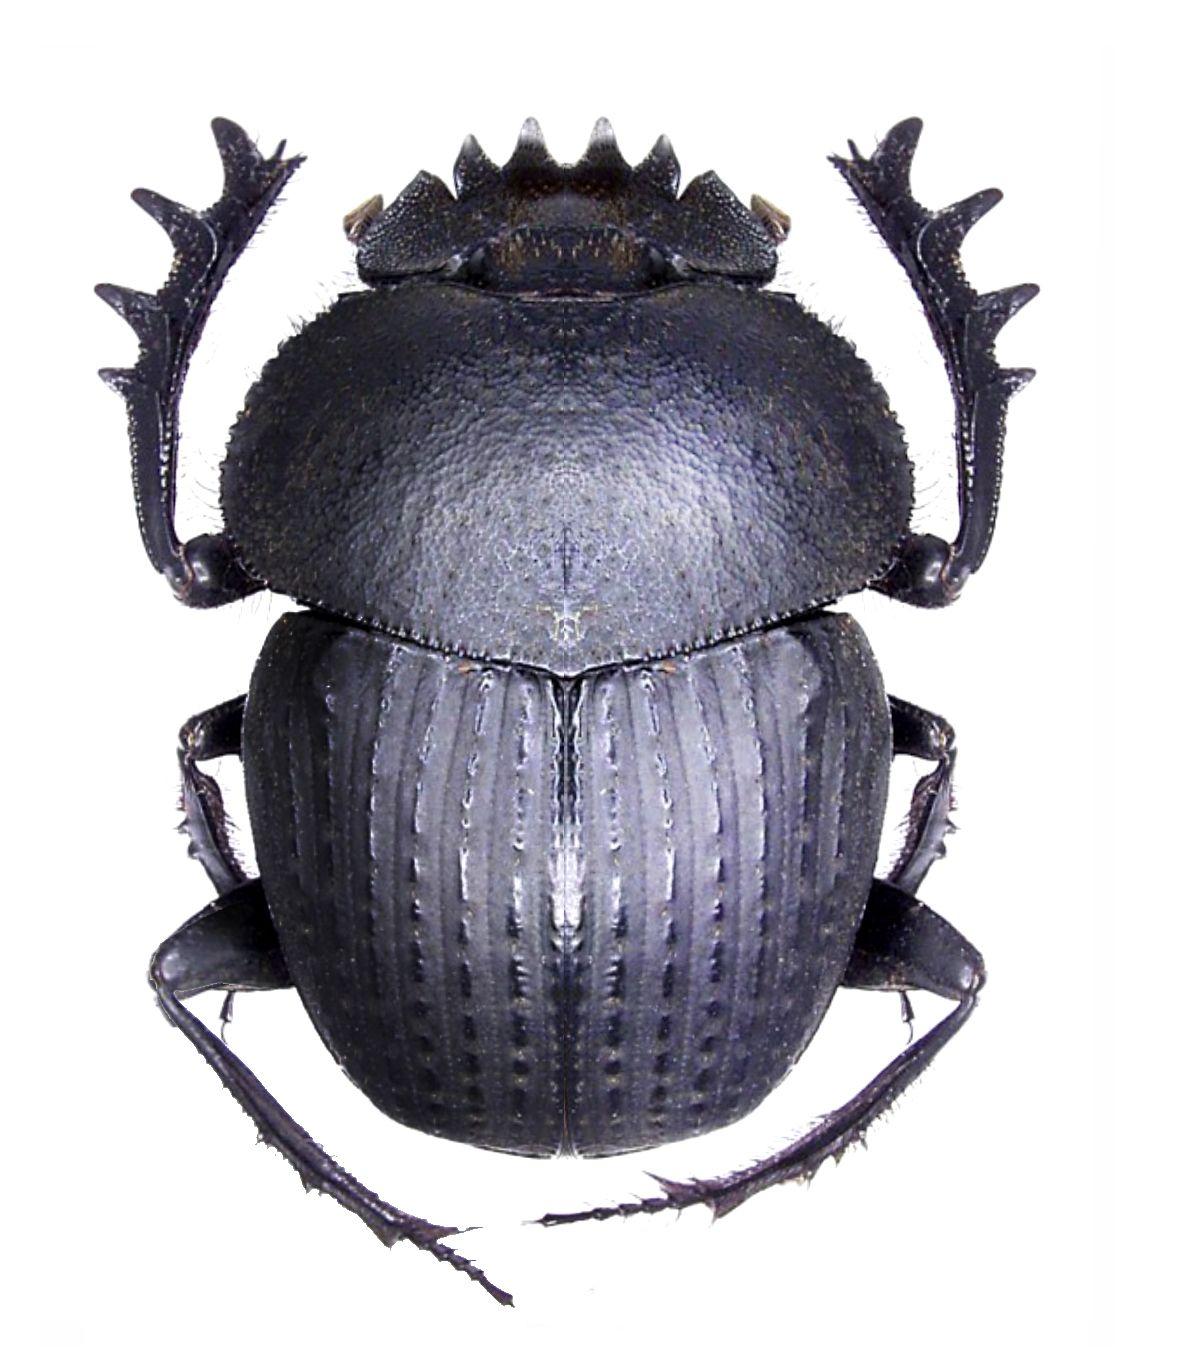 Scarabeus catenatus